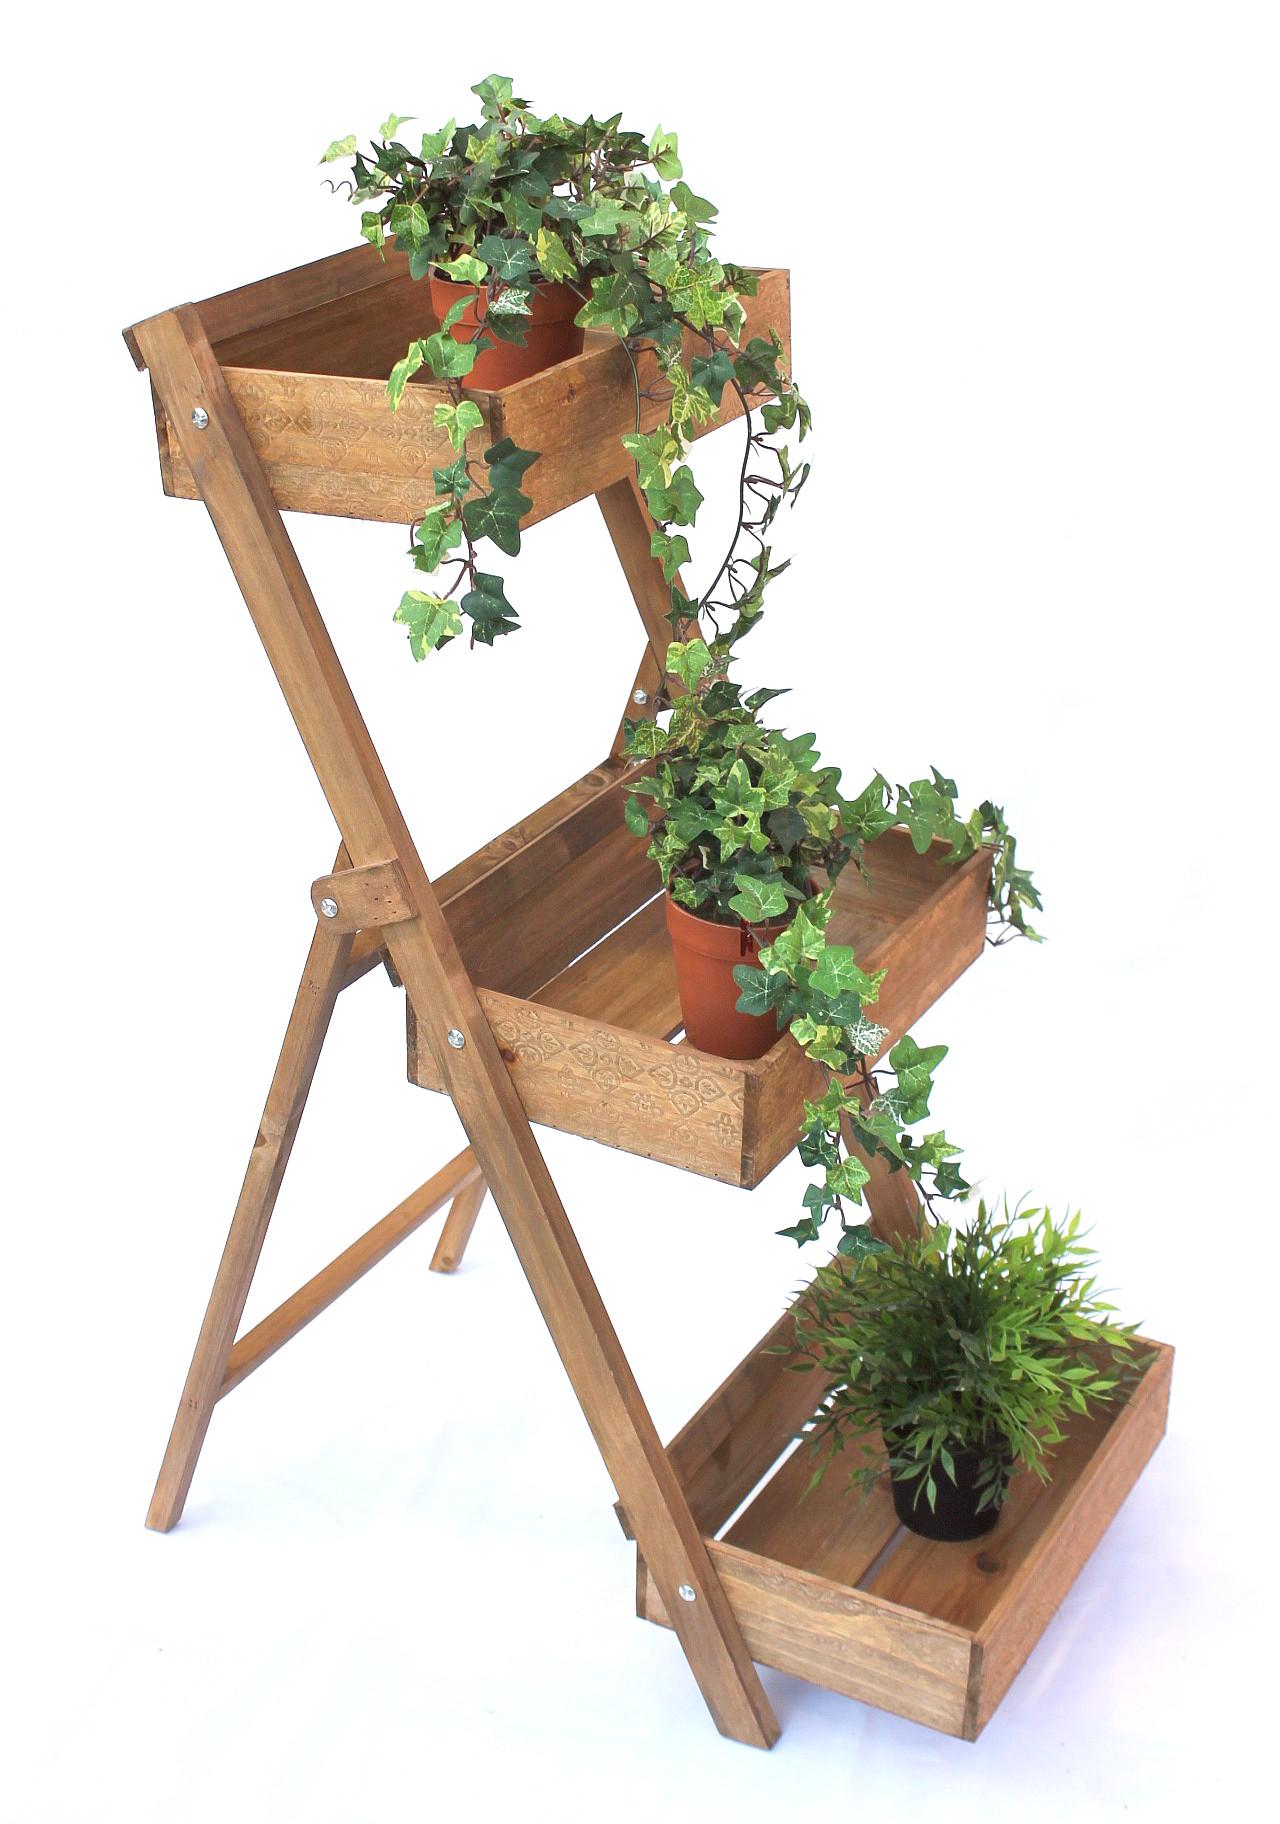 Tag re pices fiora 1 en bois 90 cm fleurs escaliers pour plantes jardini res ebay - Etagere pour epices en bois ...